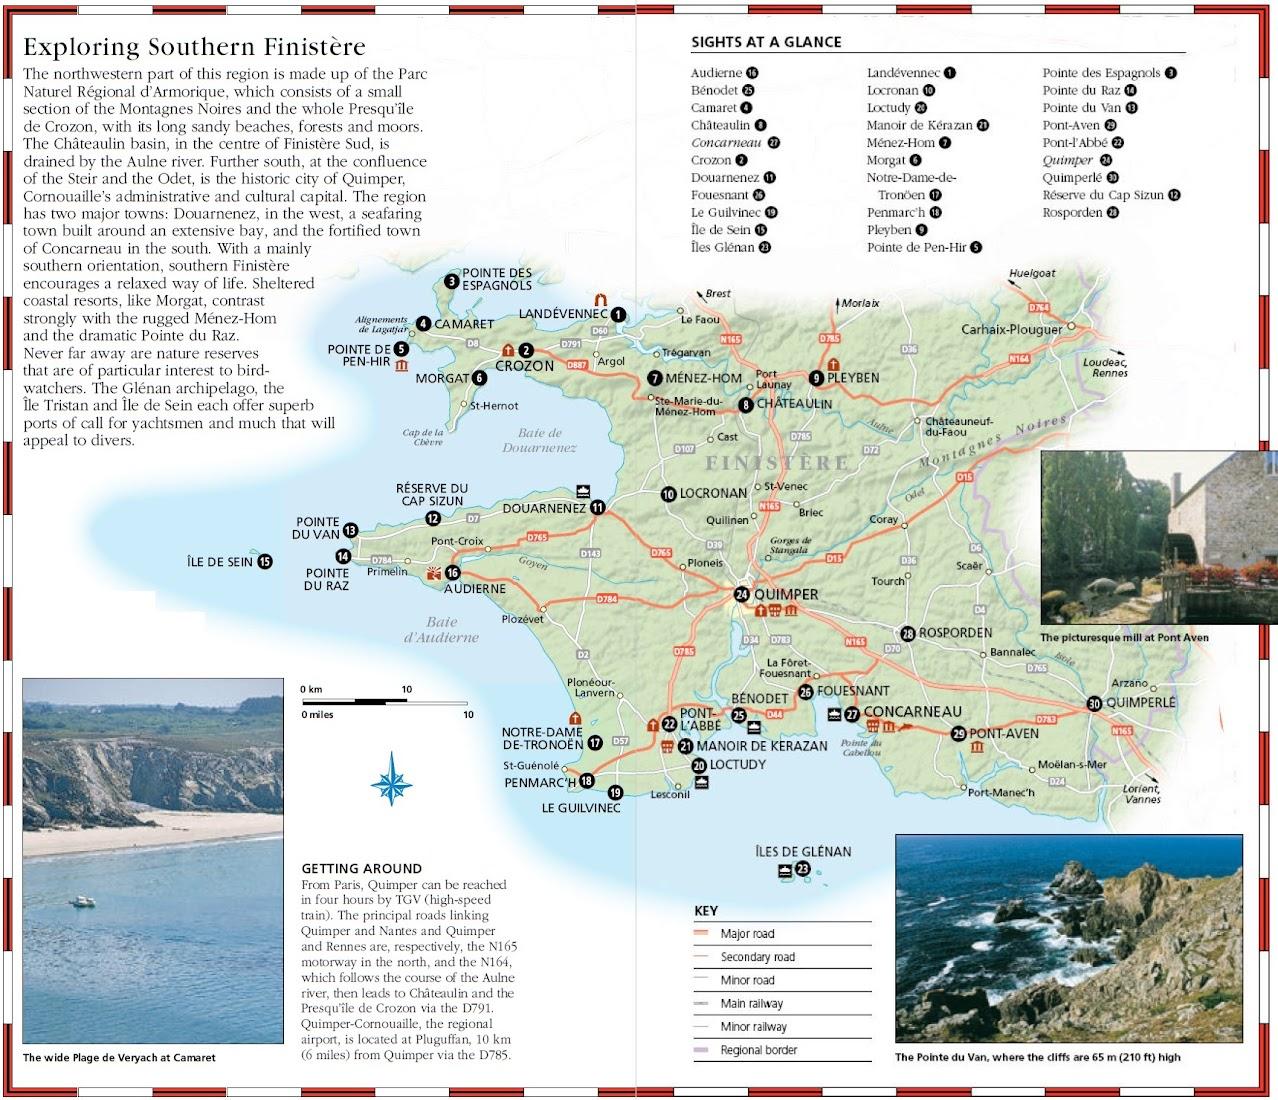 Карта и достопримечательности юга департамента Finistere - Карта Бретани - скачать бесплатно - достопримечательности, города, регионы, схема дорог. Что посмотреть в Бретани. Путеводитель по Бретани и Франции.